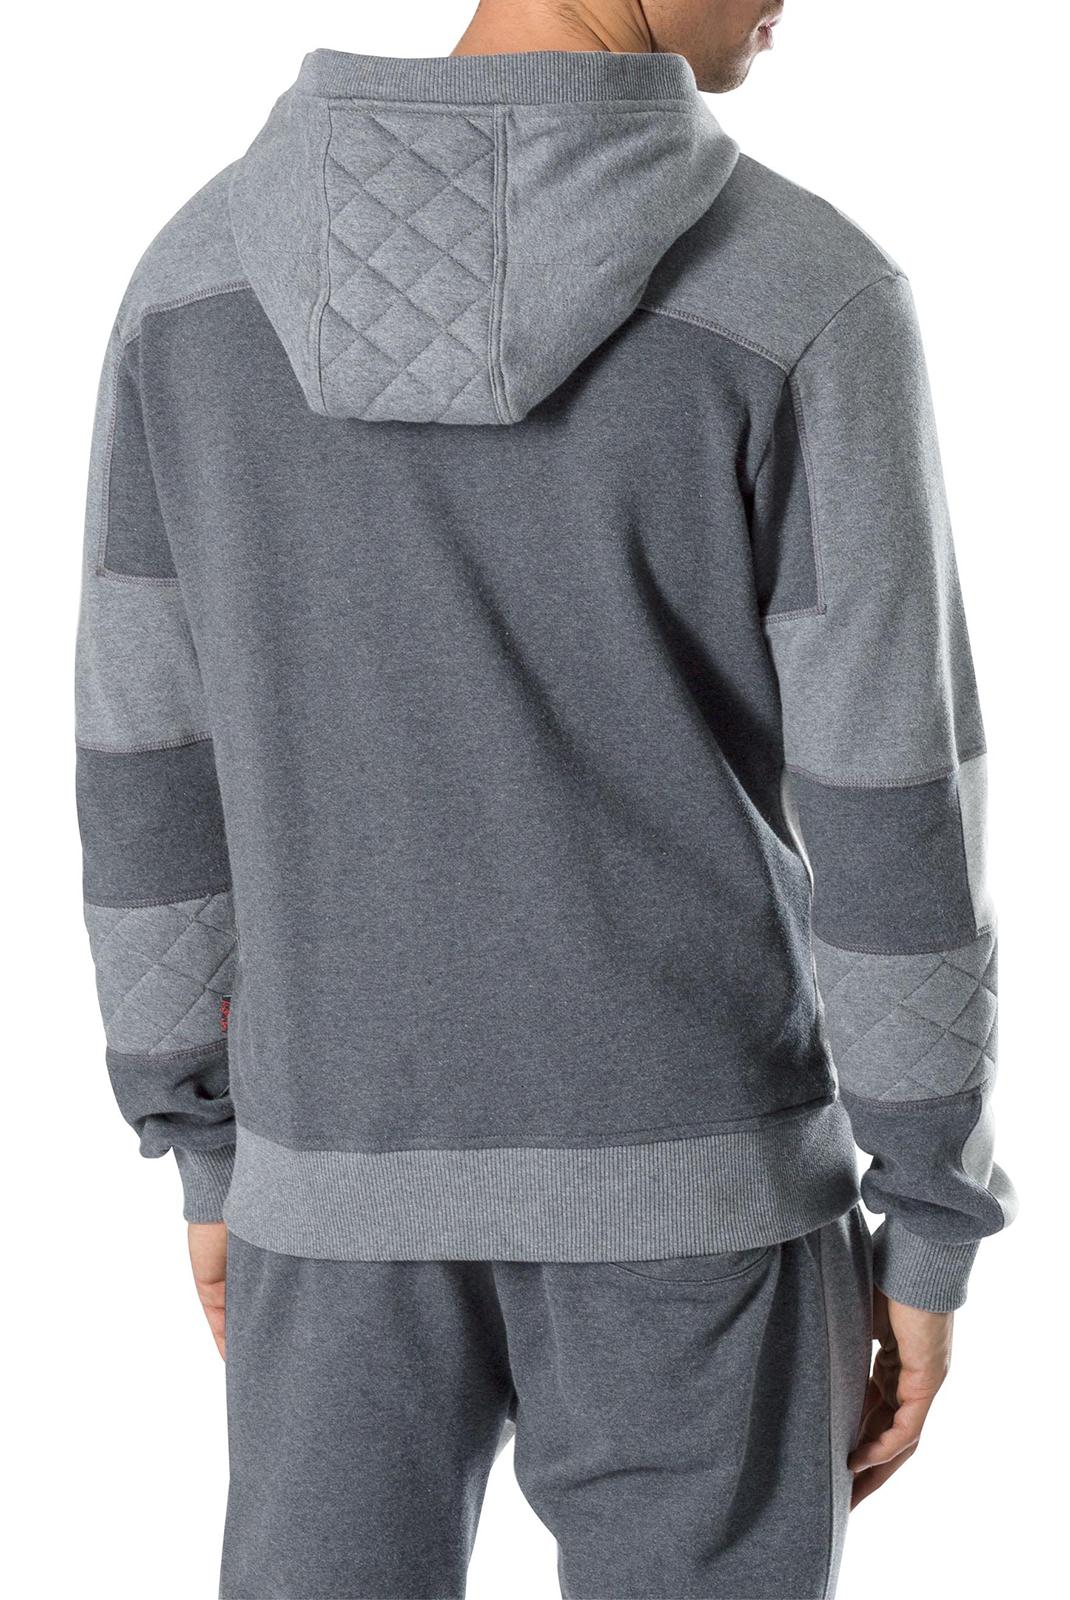 Vestes zippées  Plein Sport P17C MJB0082 1046 GREY MELANGED